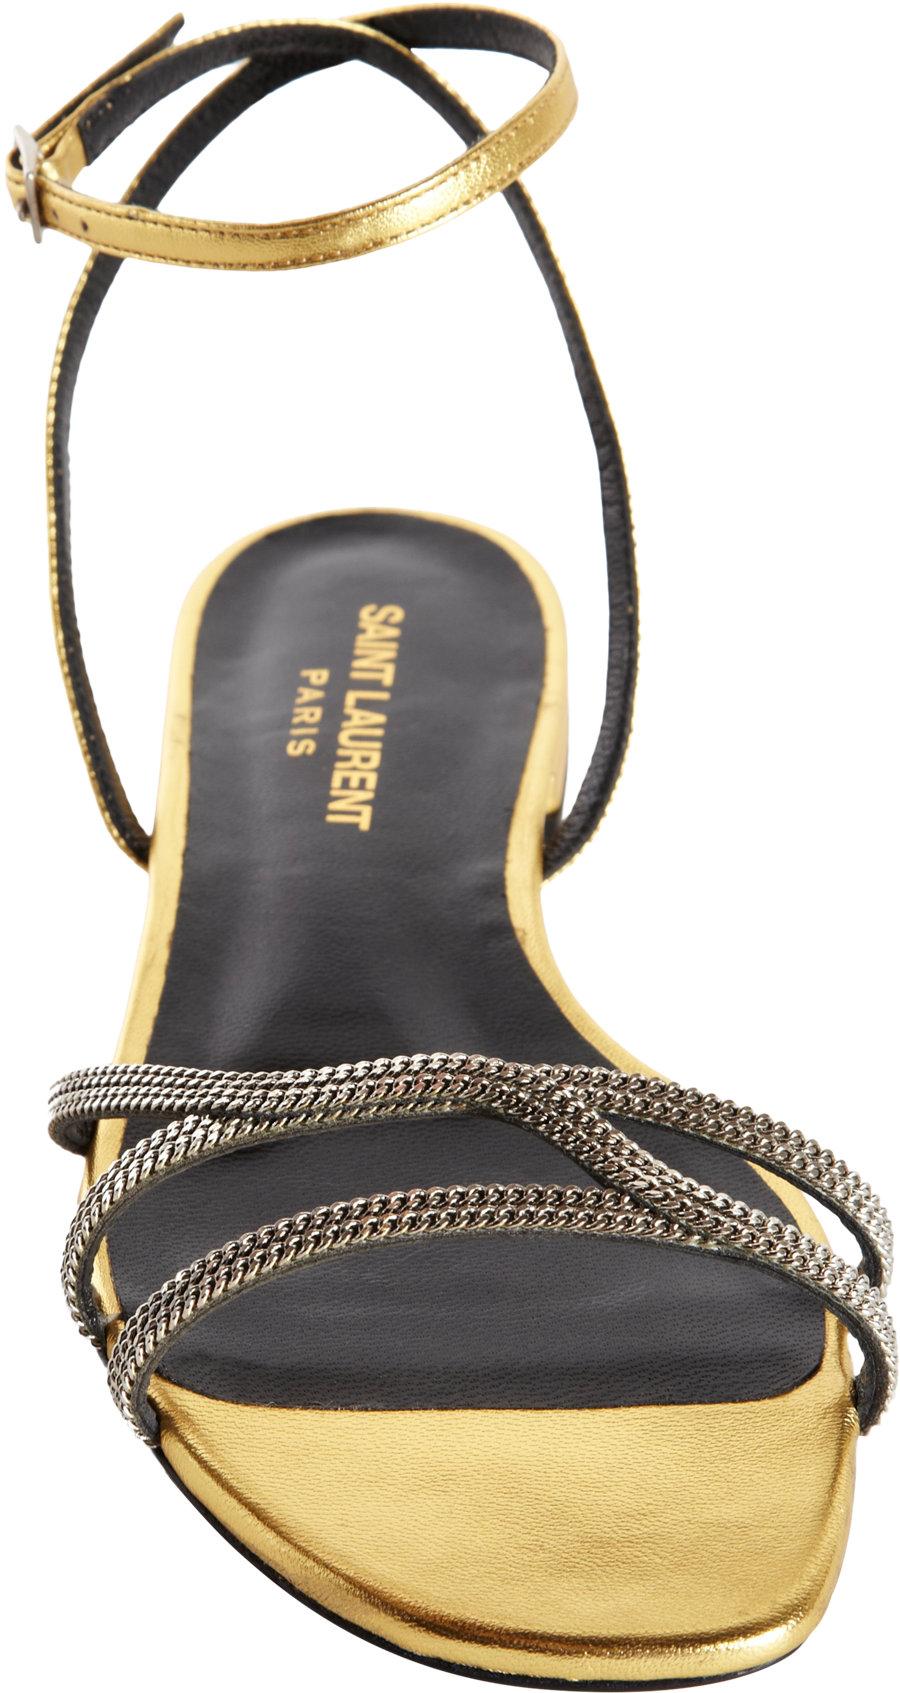 Saint Laurent Flat strappy sandals zd2HohSQJ